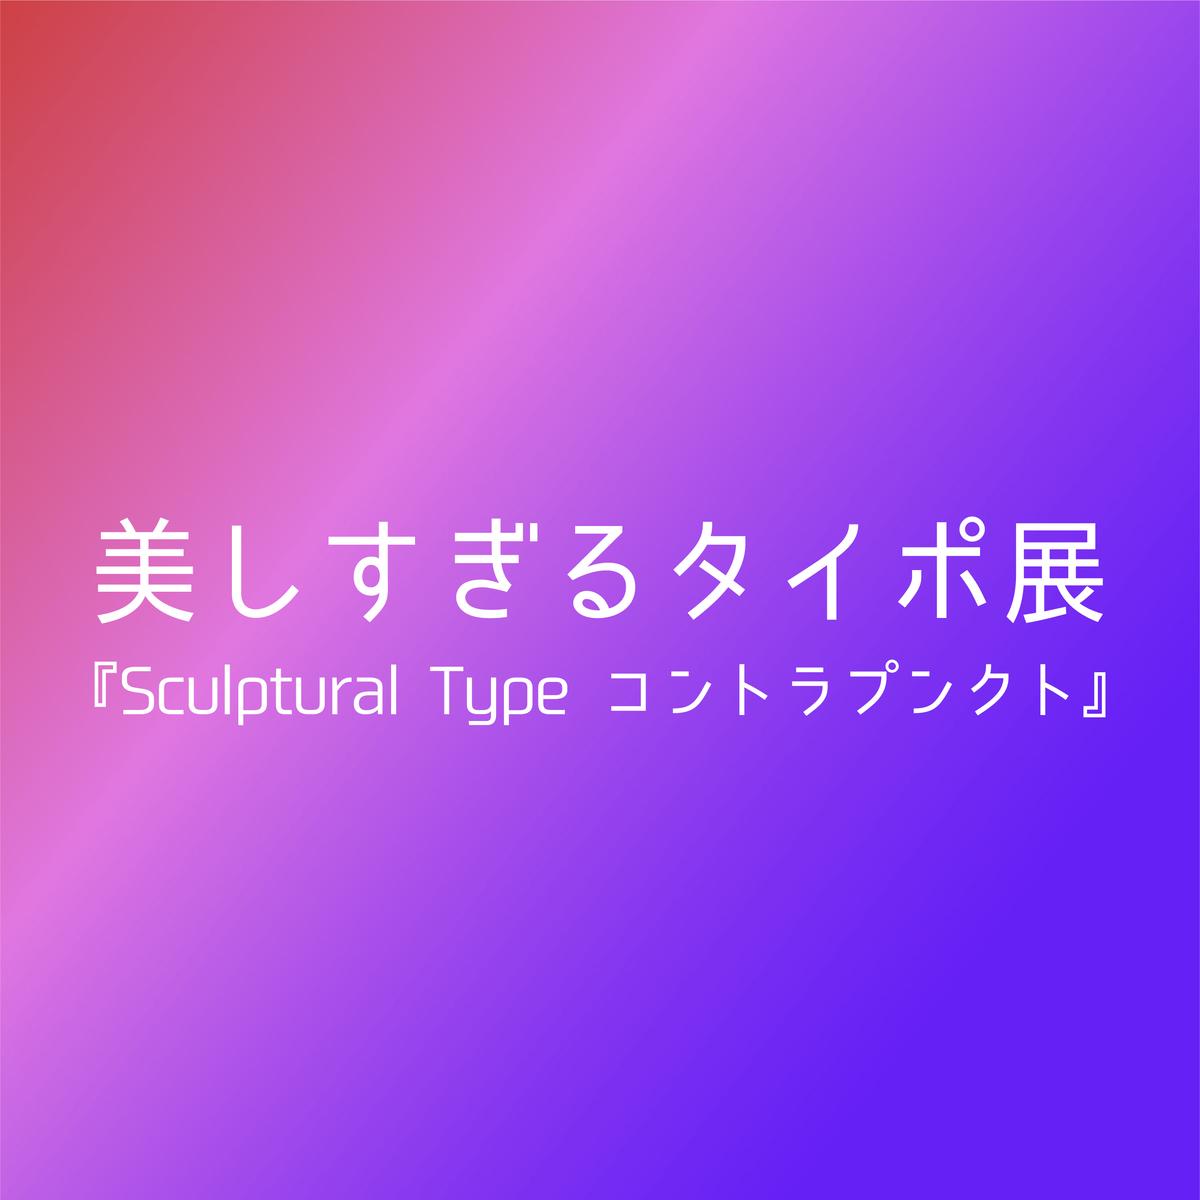 美しすぎるタイポ展『Sculptural Type コントラプンクト』